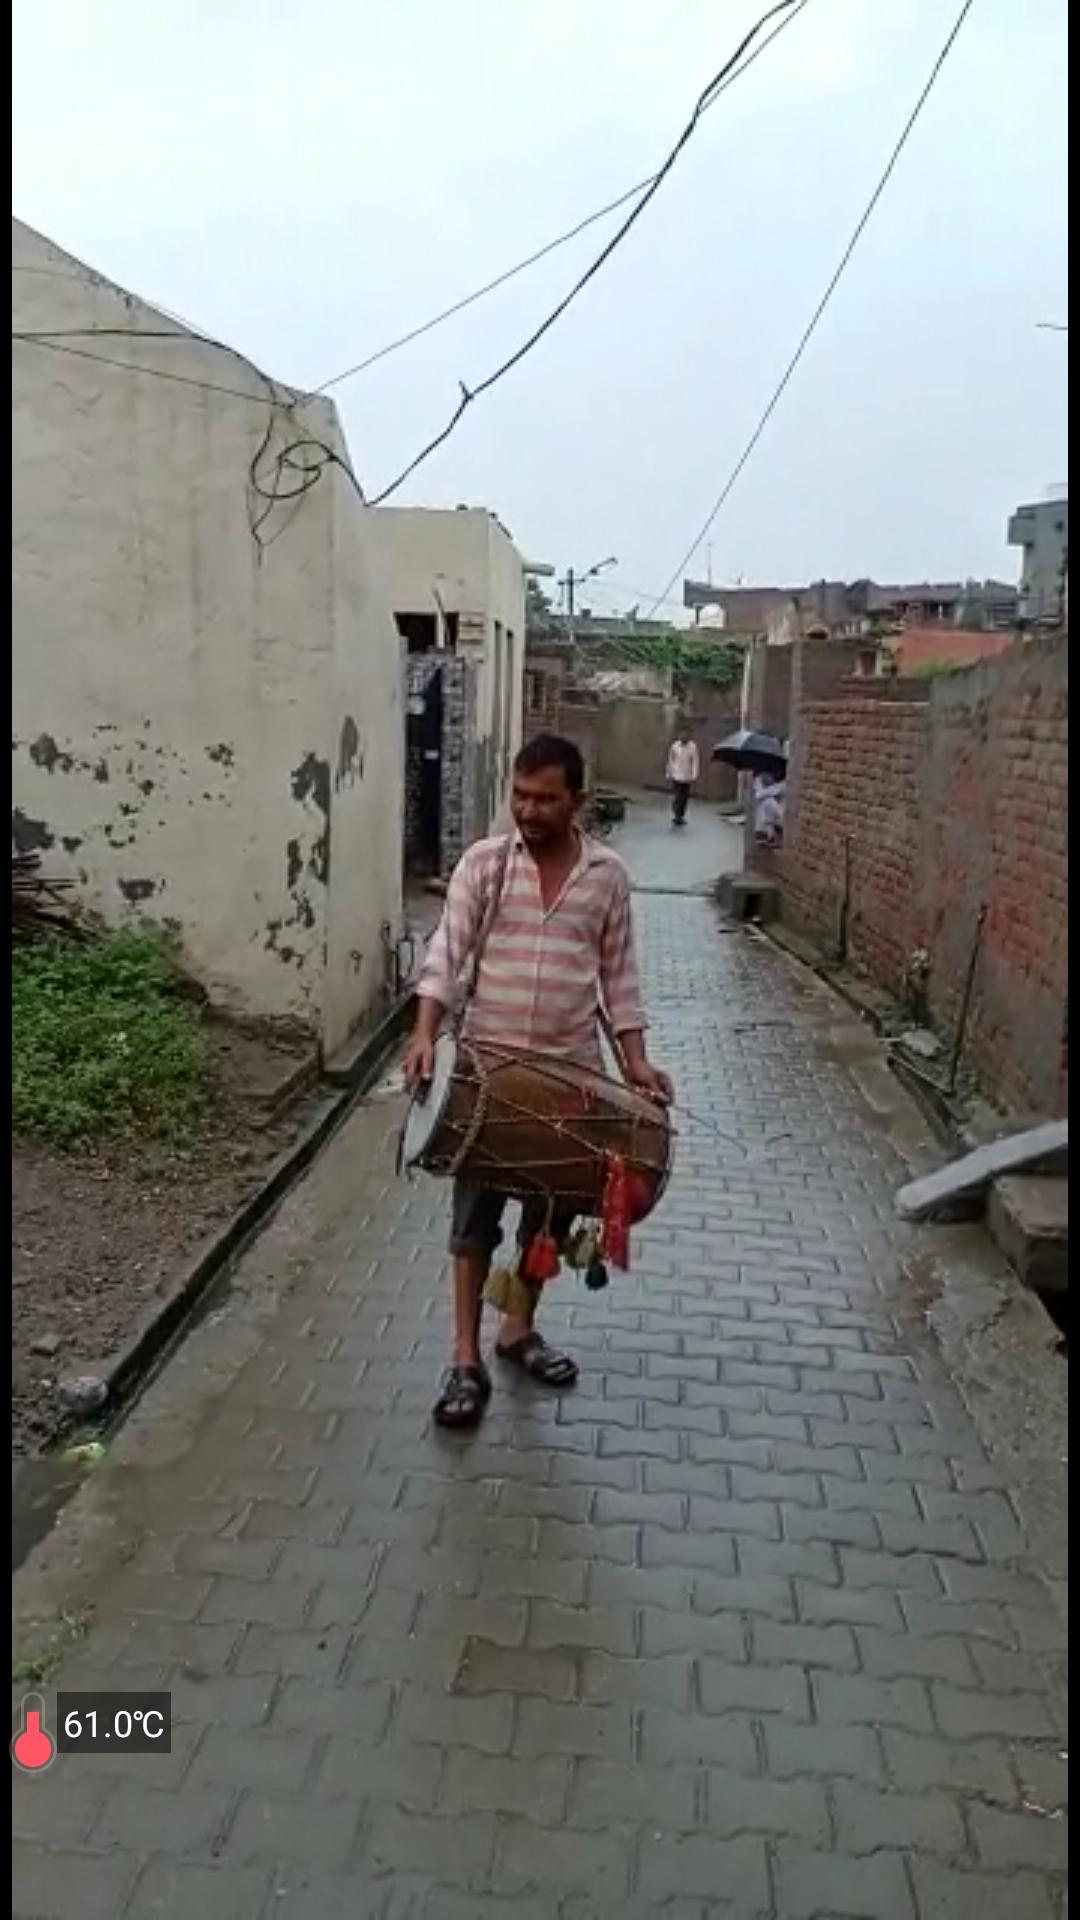 बाढ प्रभावित गांवों में मुनादी करता ग्रामीण।